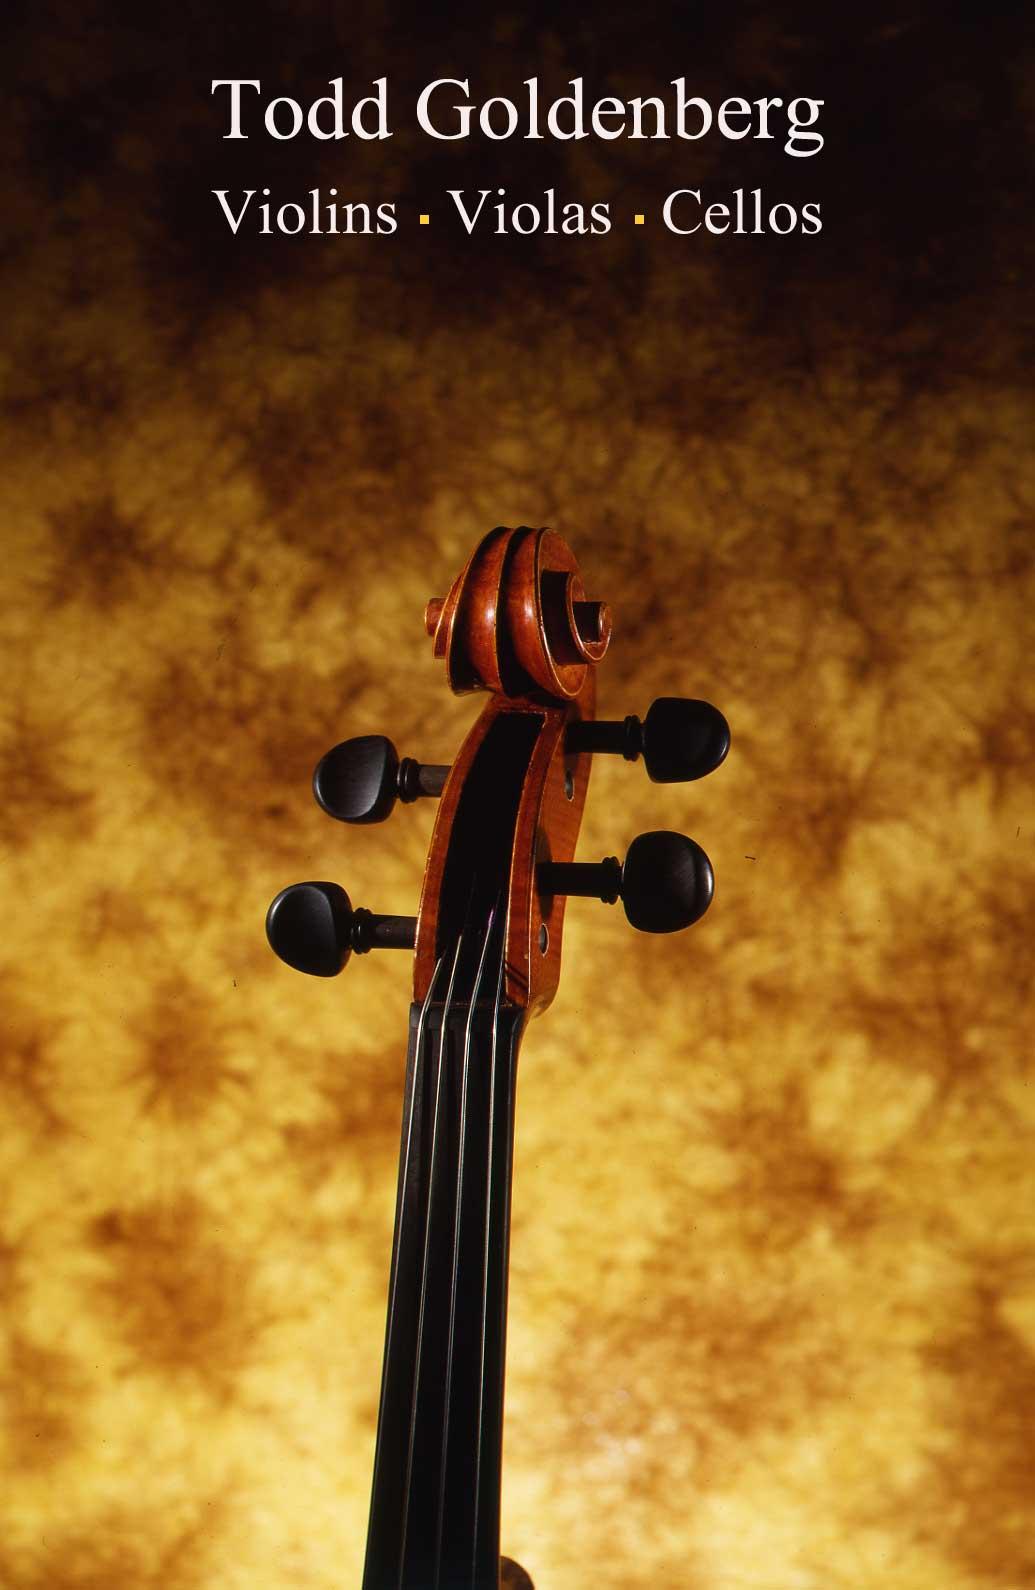 Todd Goldenberg Violins